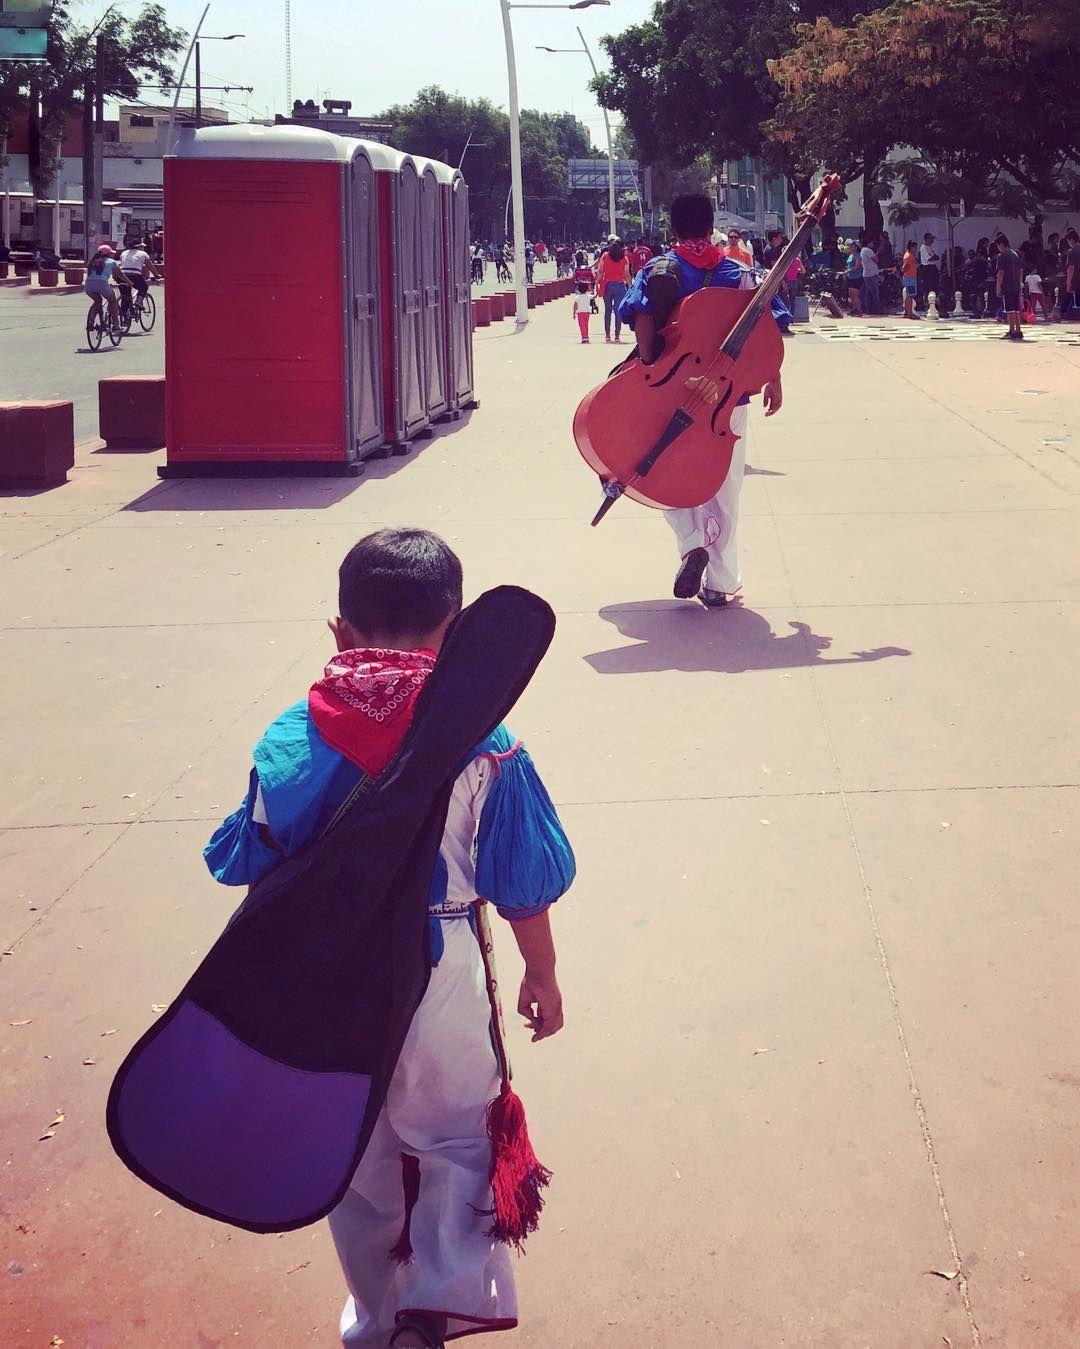 Parque Revolución #parquerevolucionFR16 #fotorallygdl16